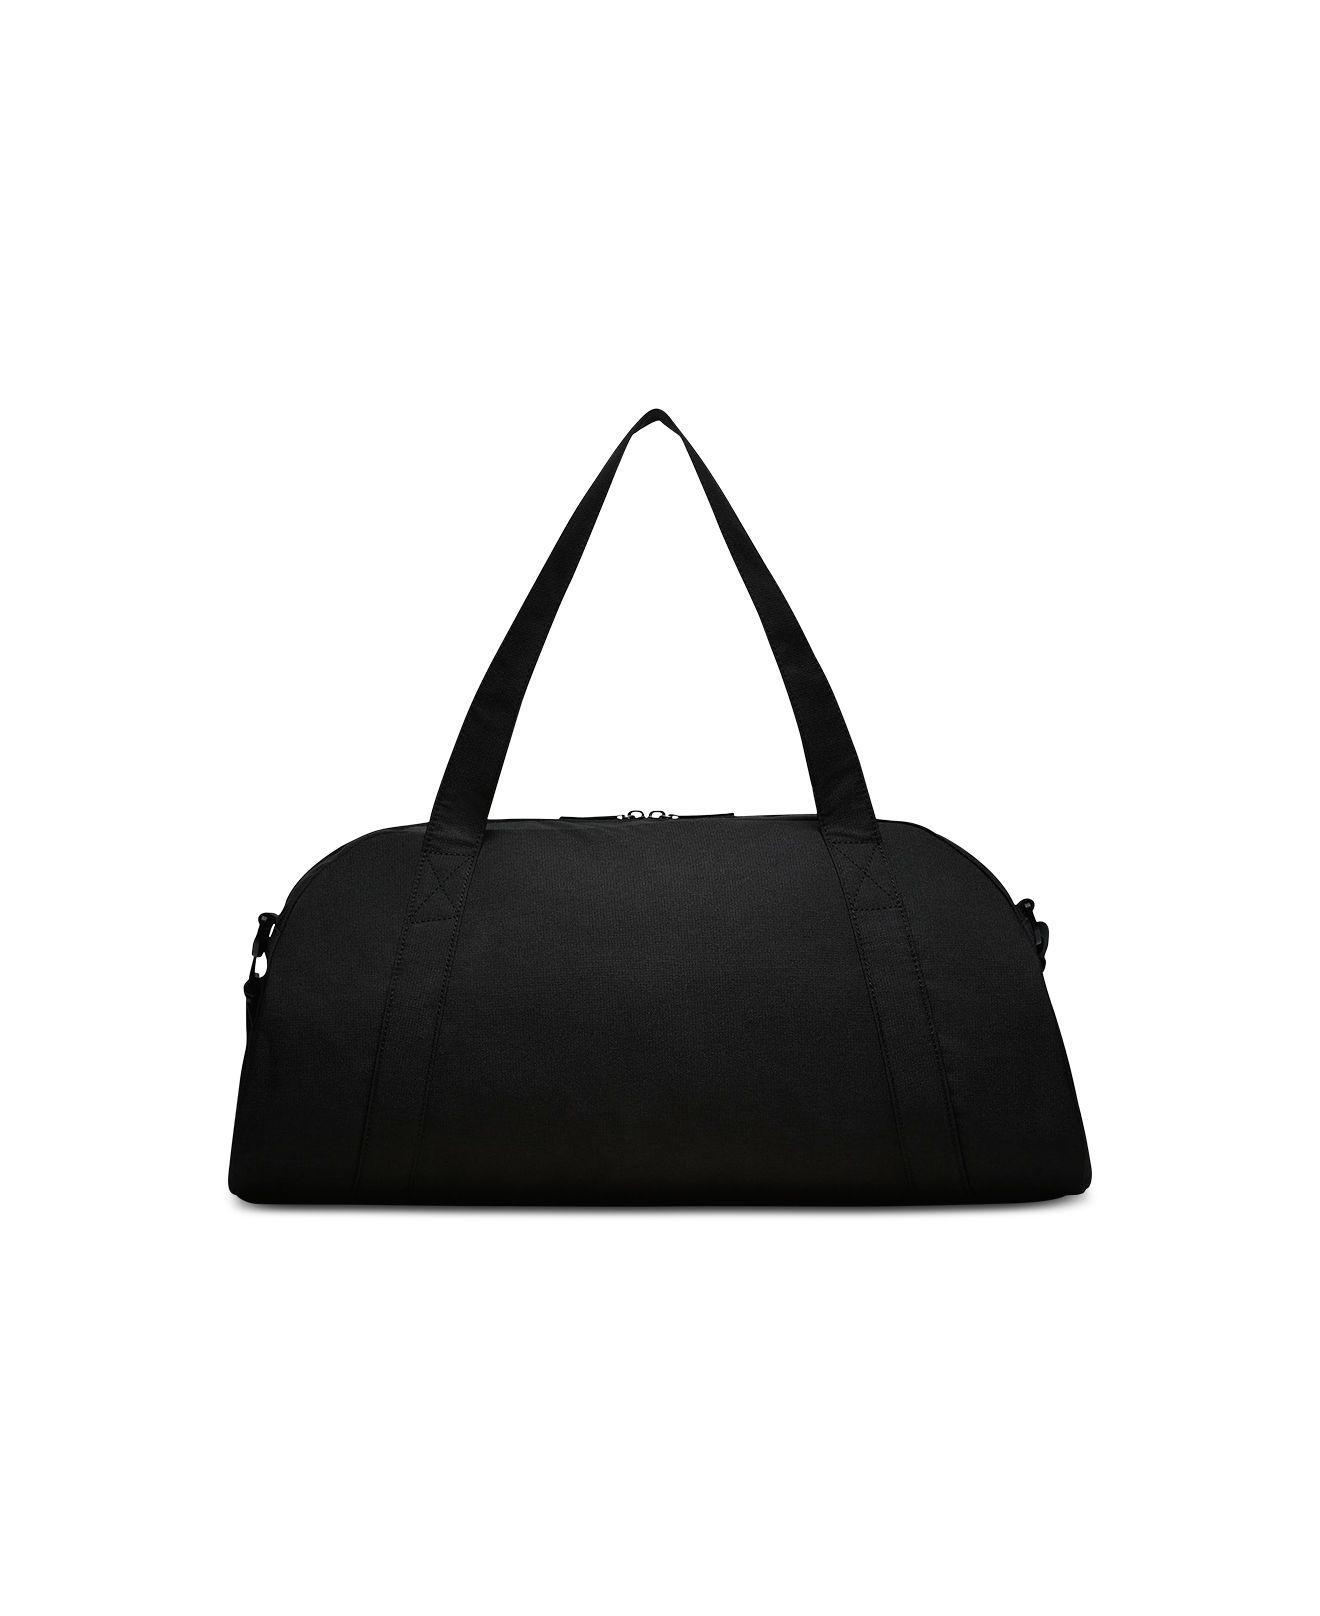 98b4698fb1a1 Lyst - Nike Gym Club Training Duffel Bag in Black